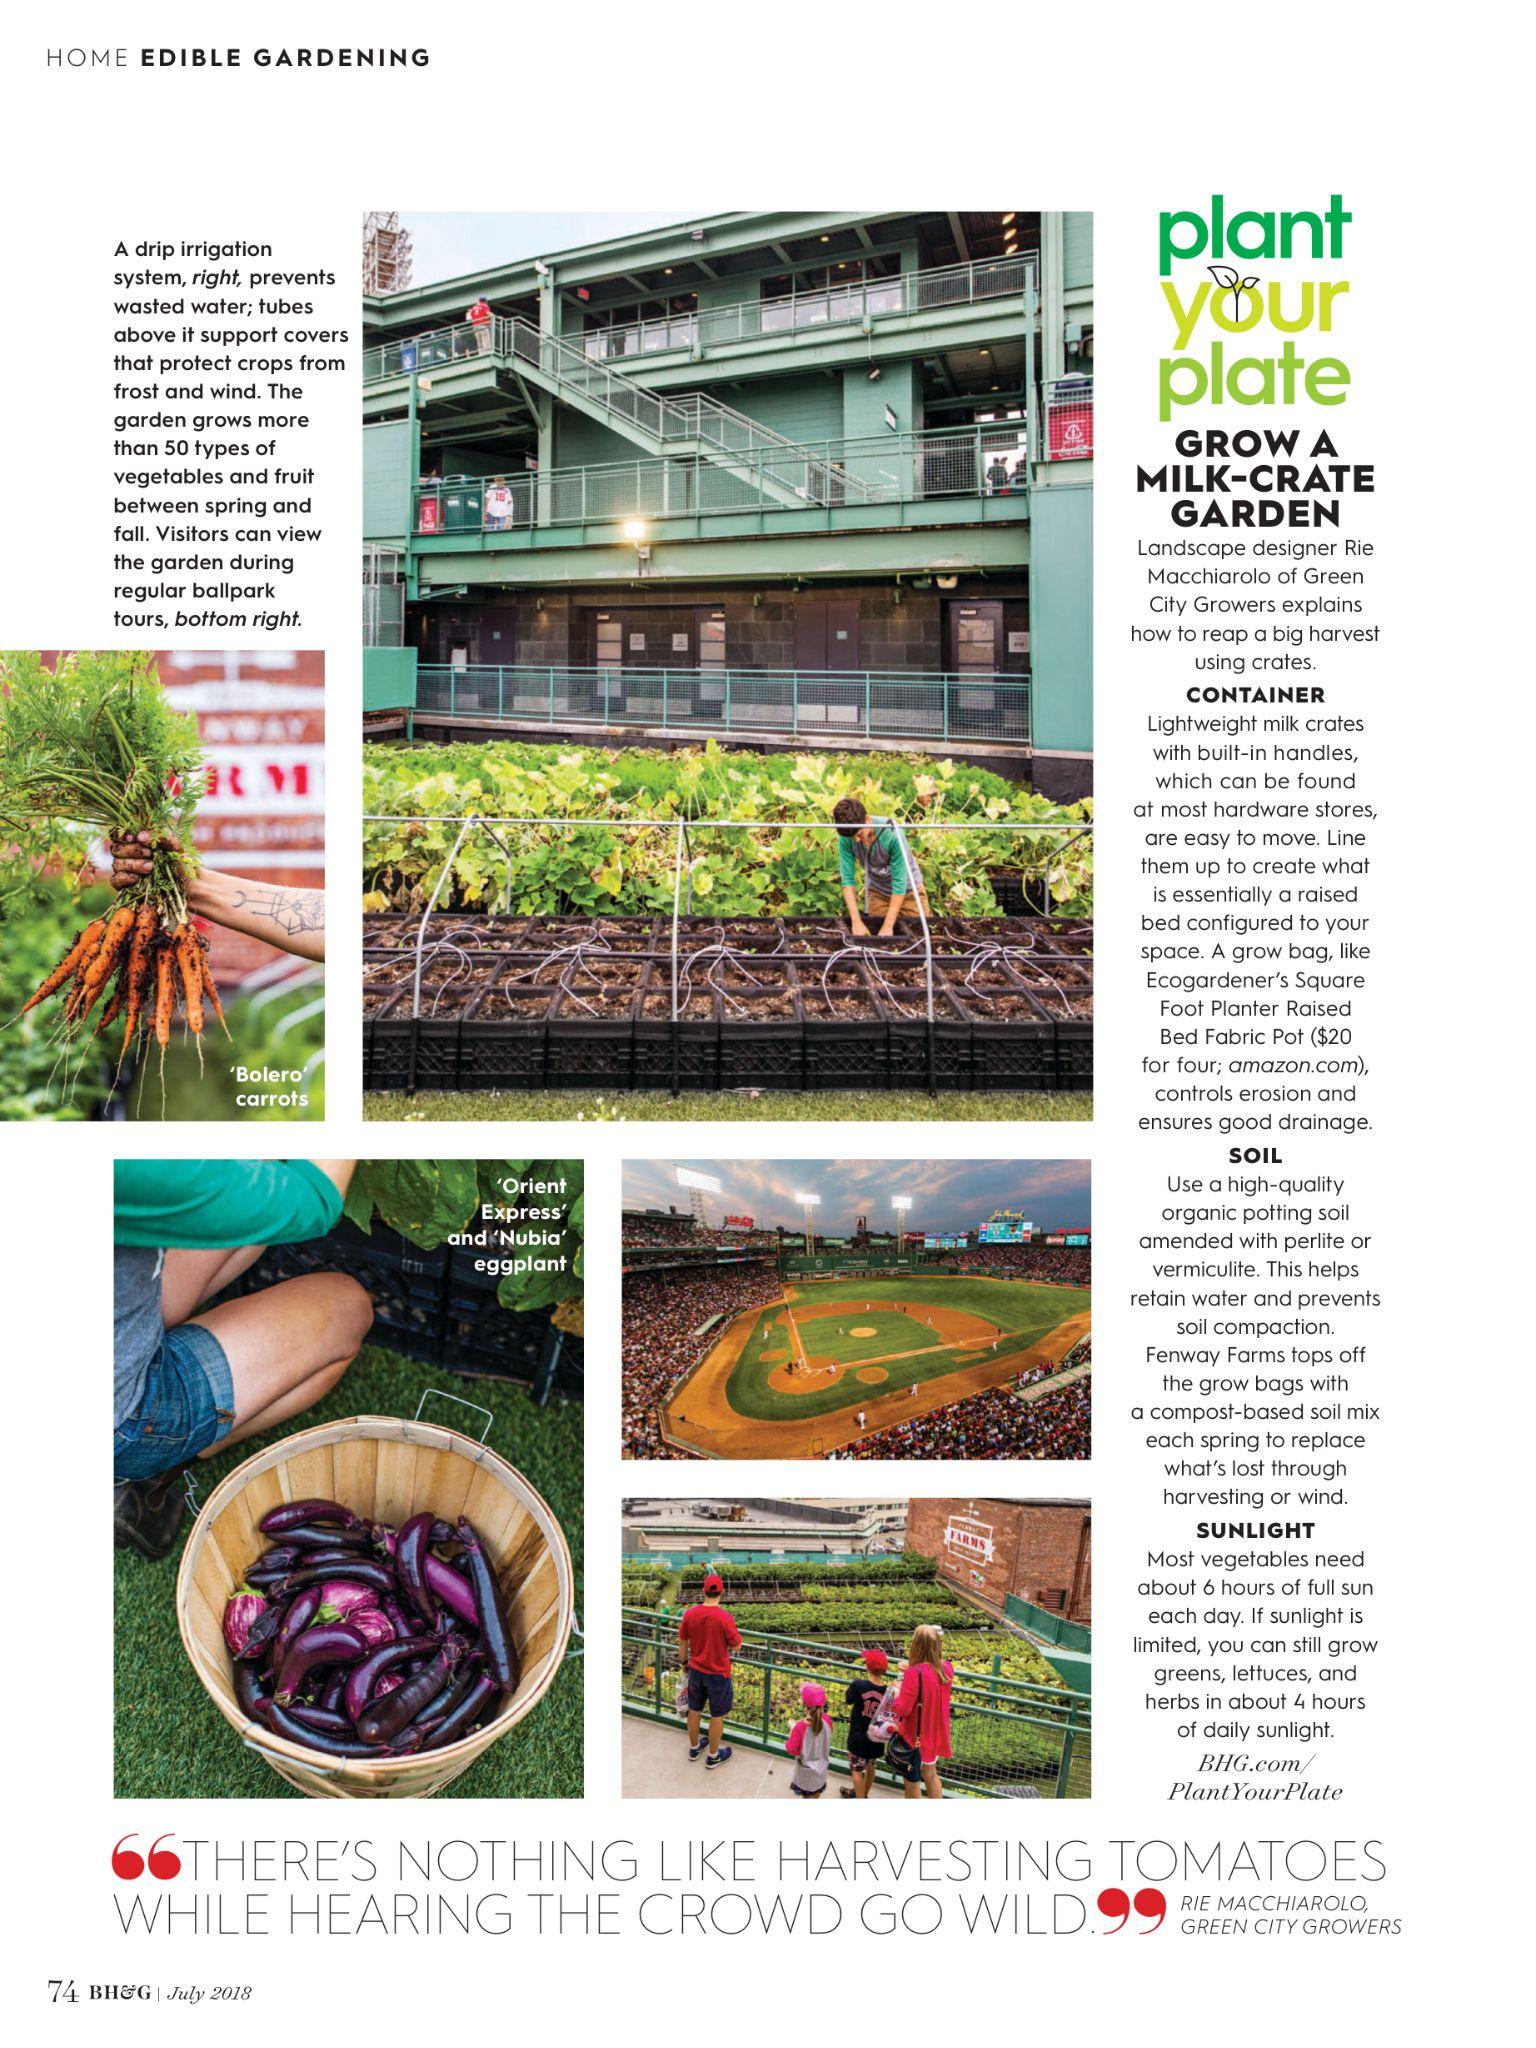 c4a01e0147252ed10318f65d10290de0 - Better Homes And Gardens Covers 2018